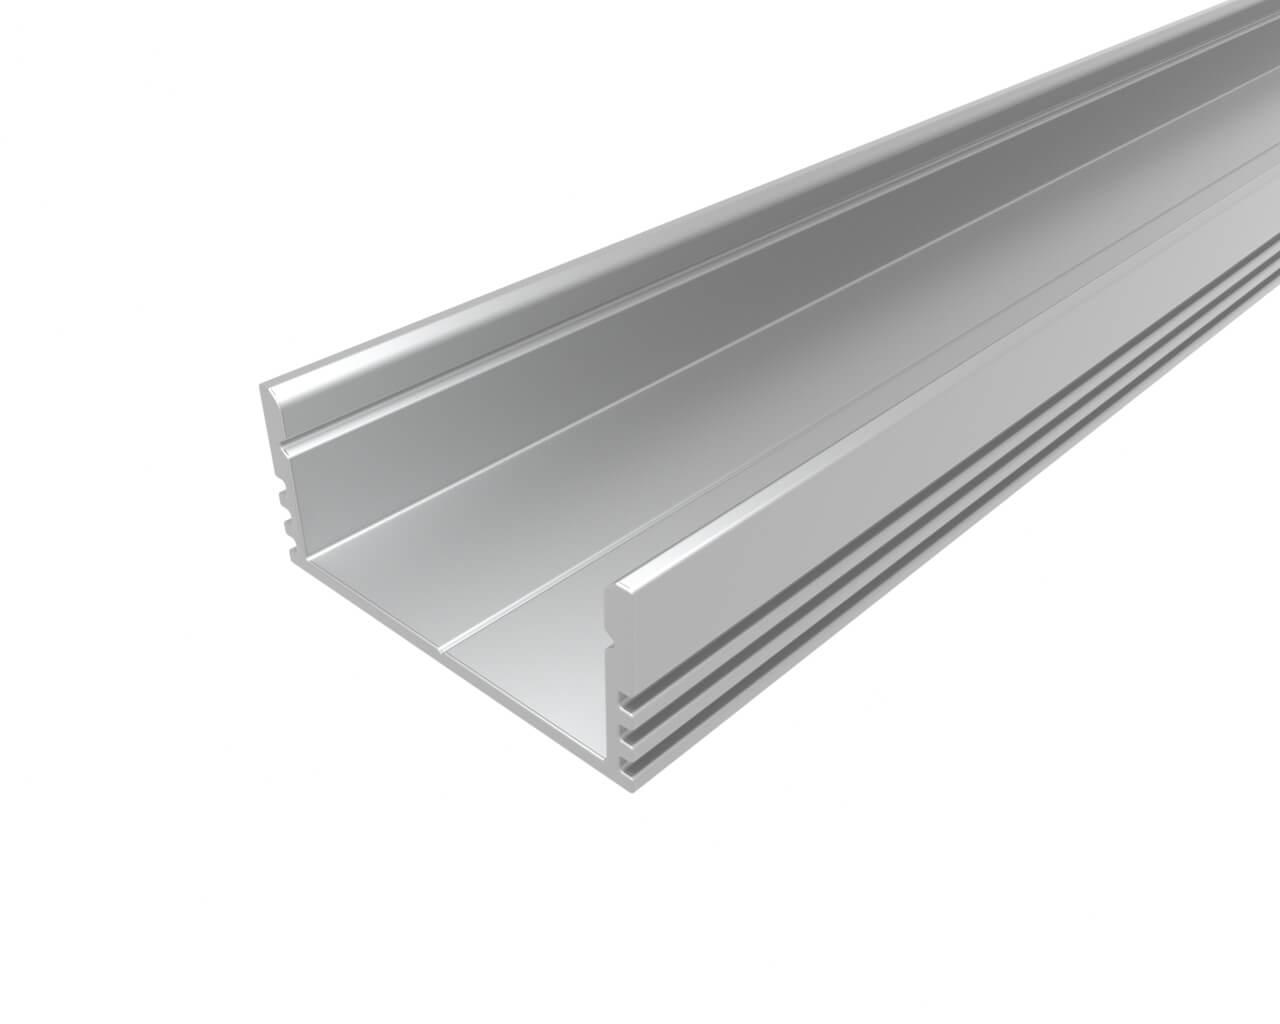 Профиль накладной широкий алюминиевый LC-LP-1228-2 Anod